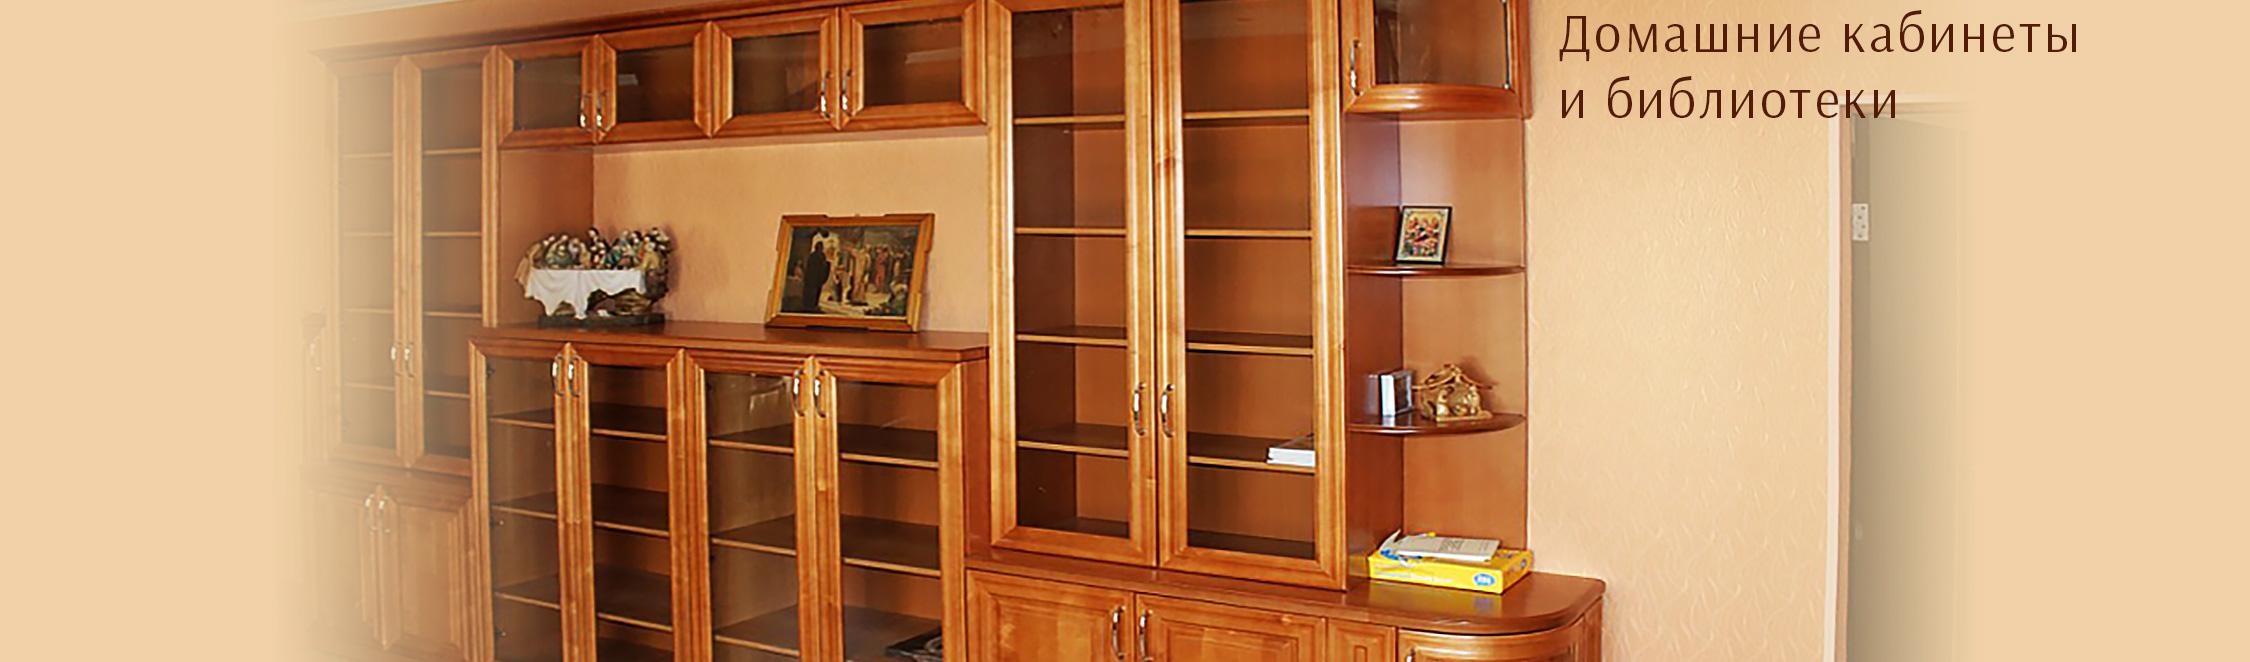 Домашние кабинеты и библиотеки, книжные шкафы по индивидуальным размерам